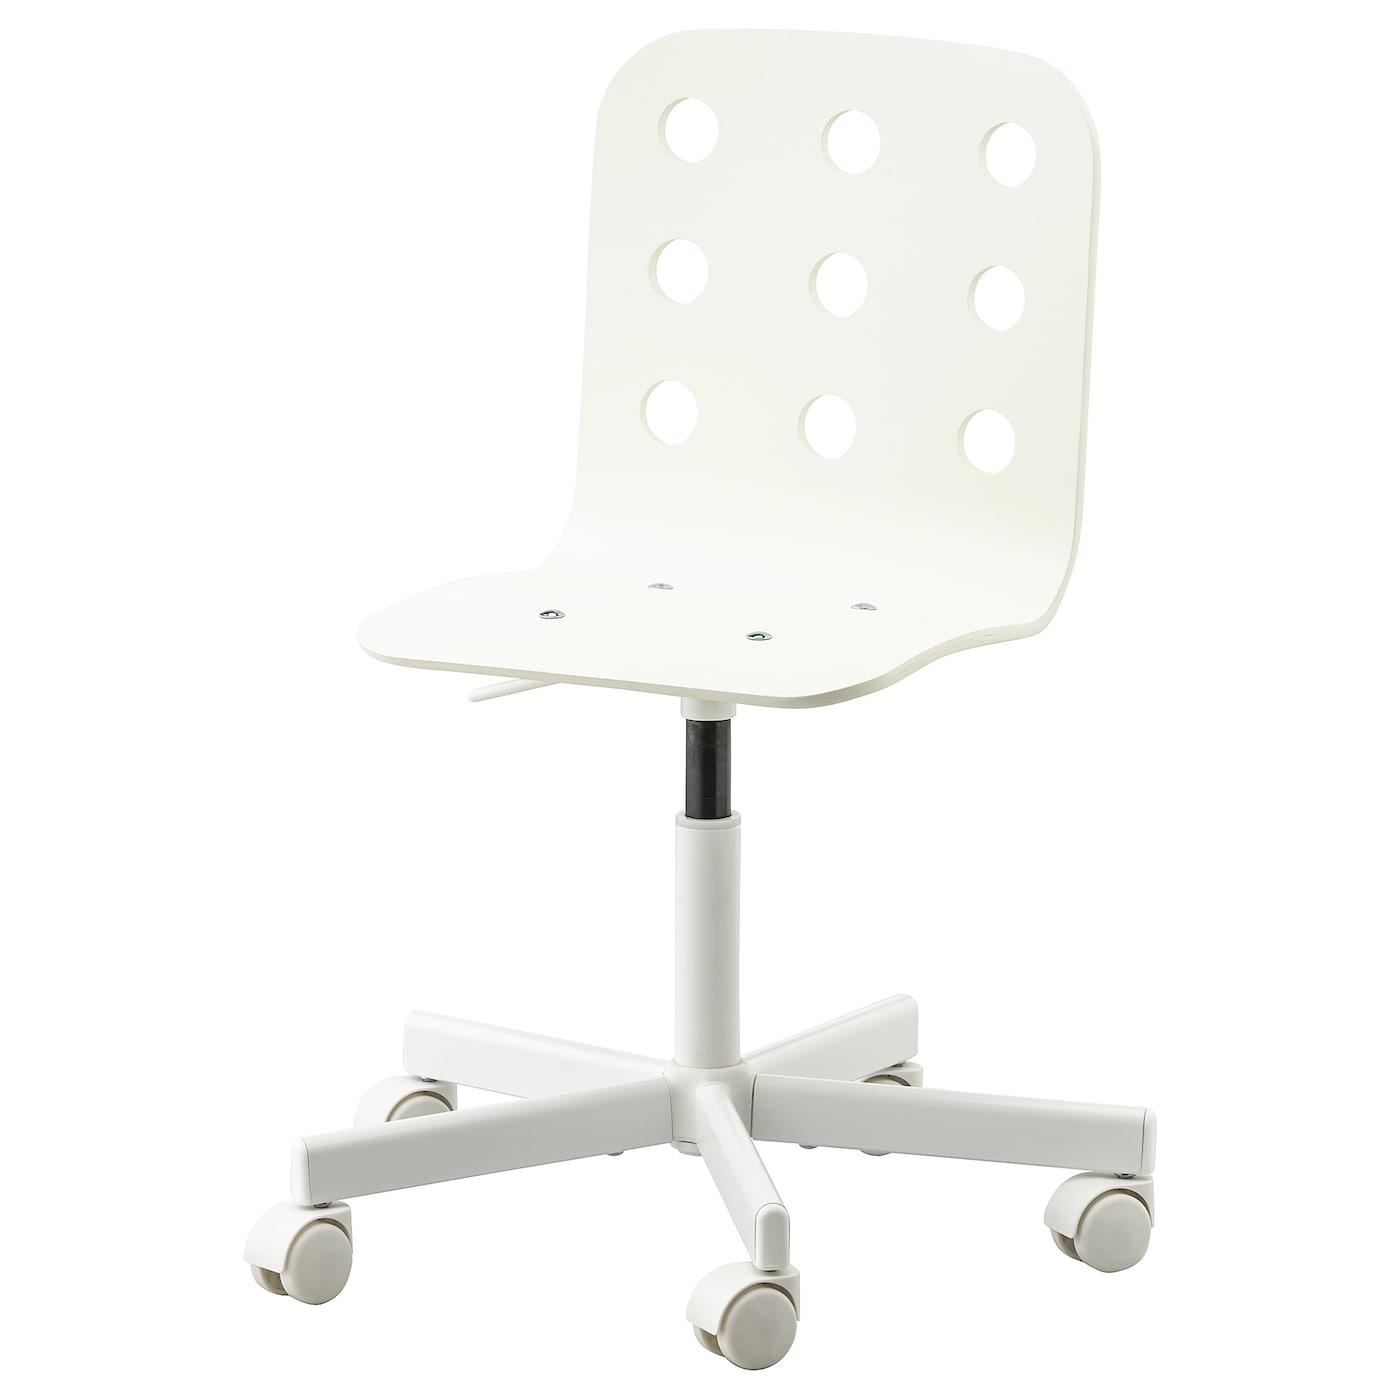 silla escritorio ikea blanca niños